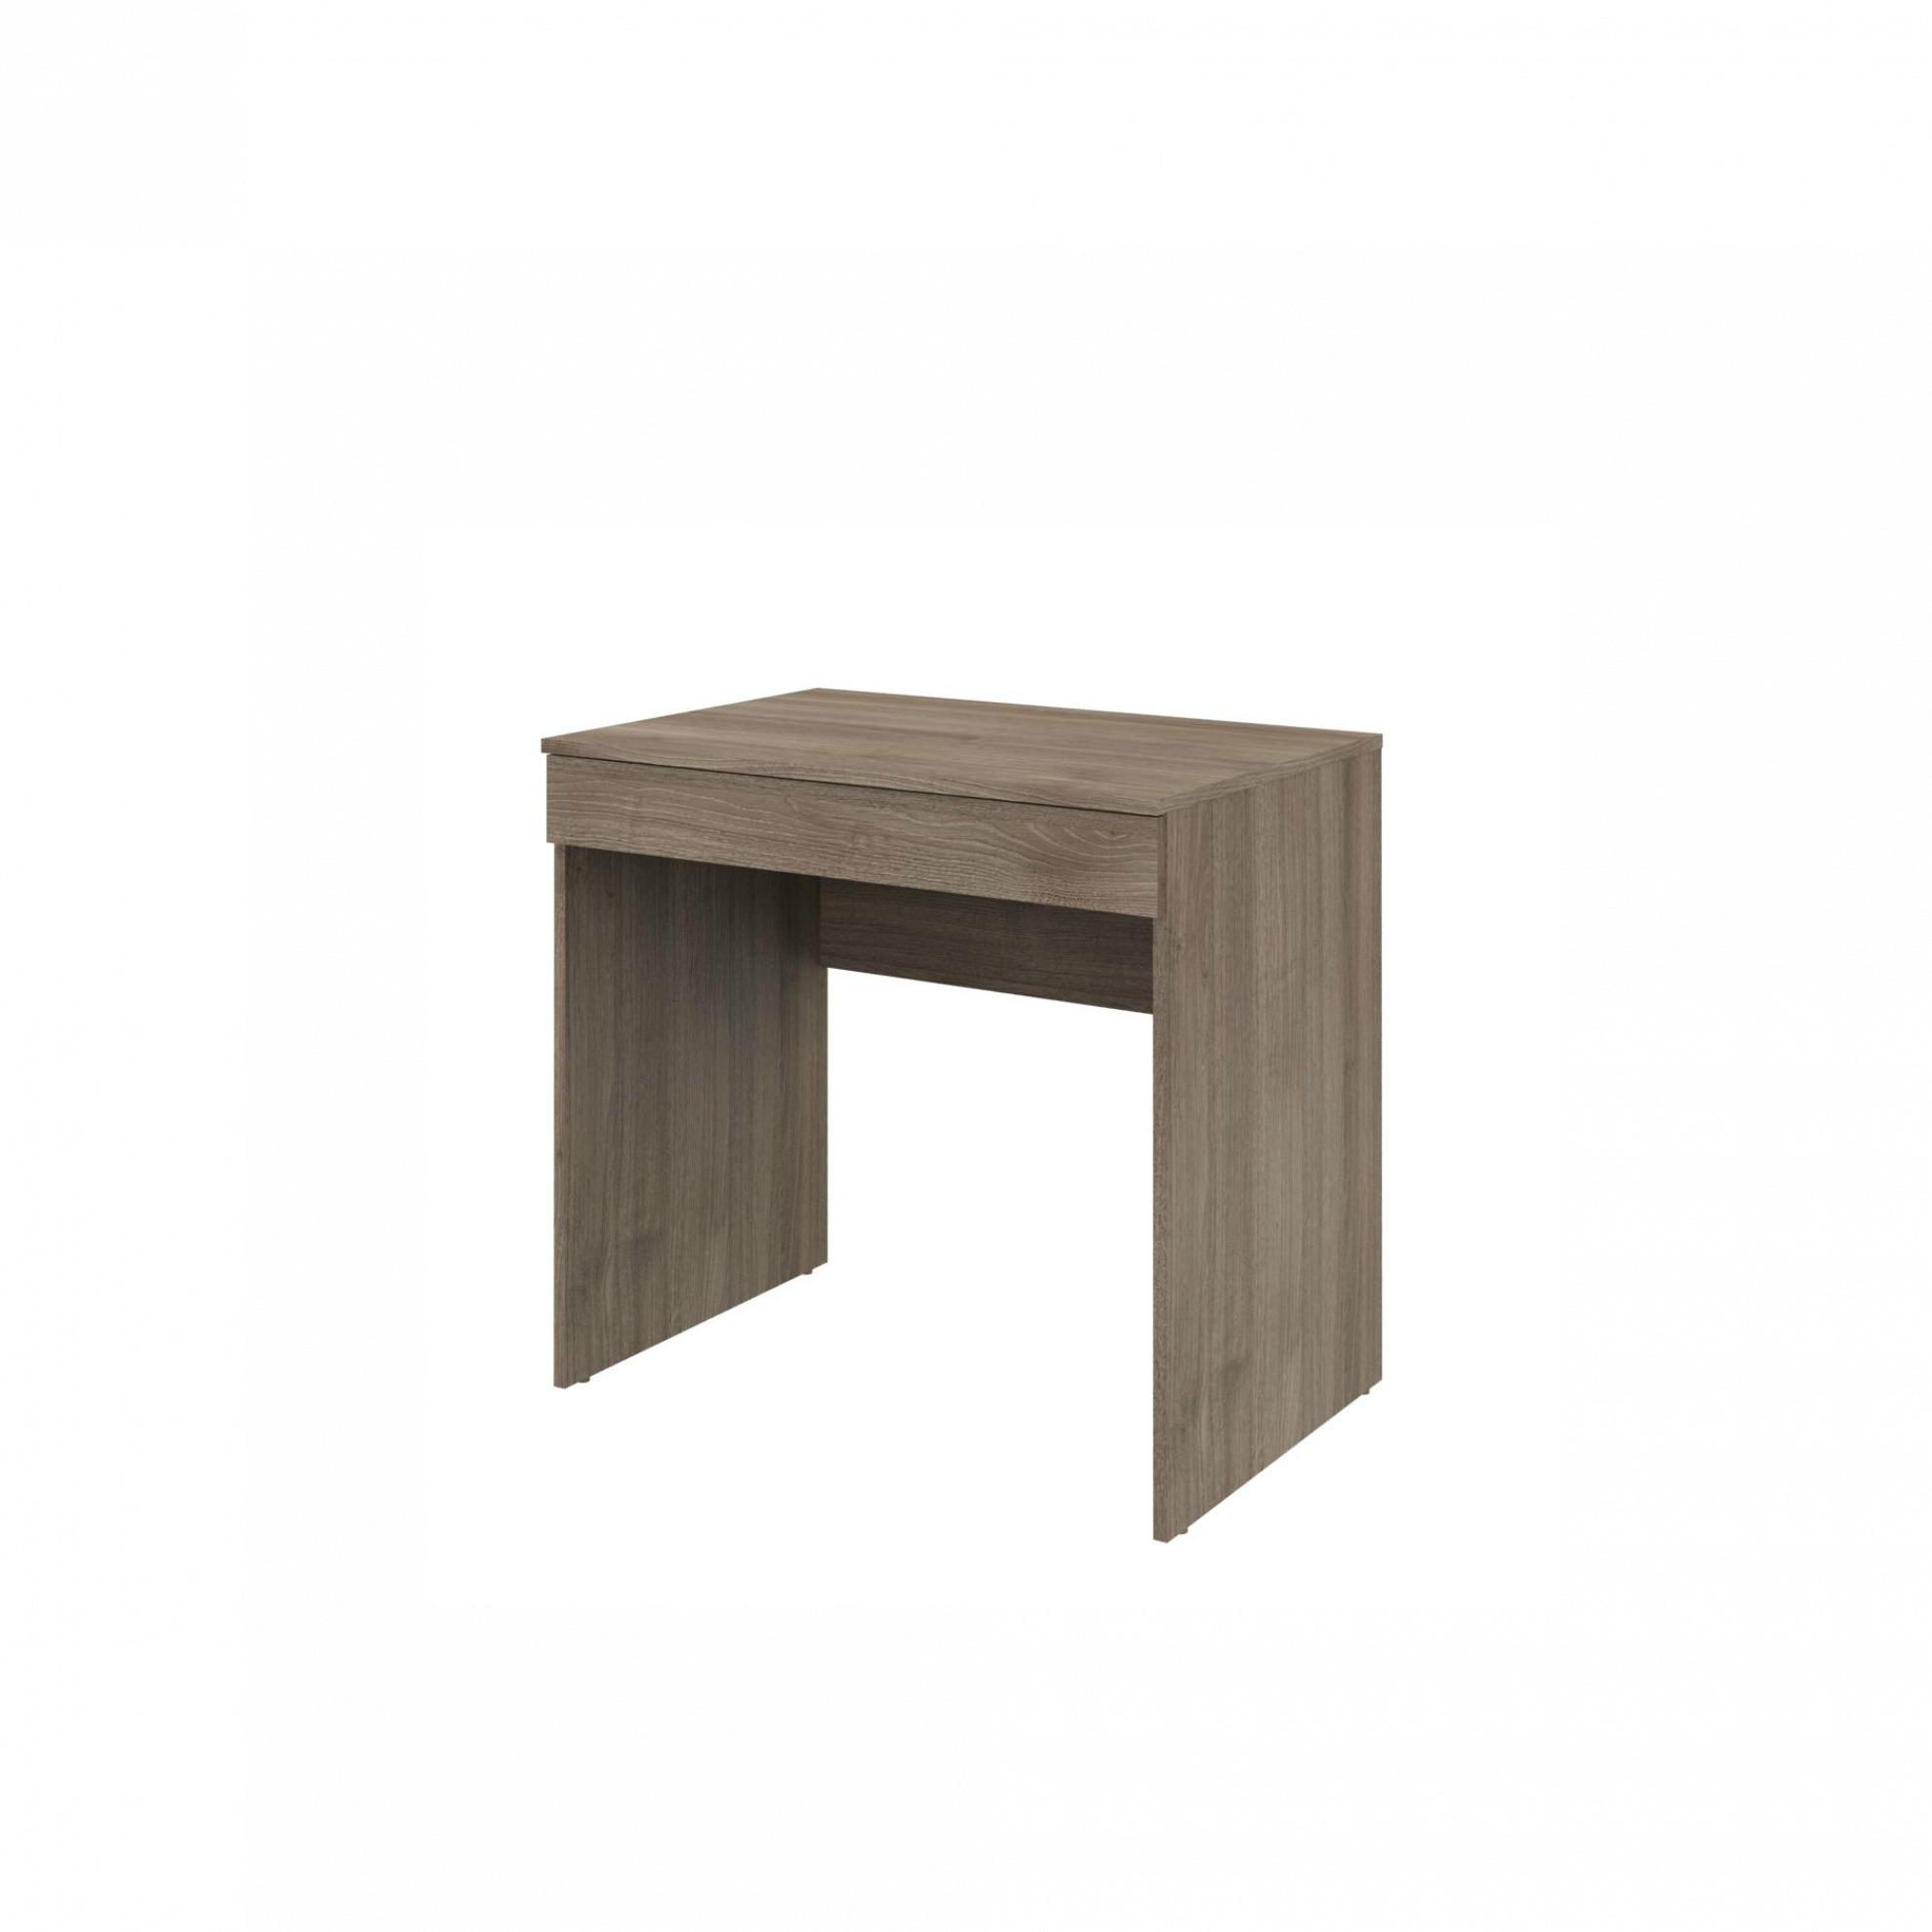 Письменный стол 80 см Рино 202 от Столплит